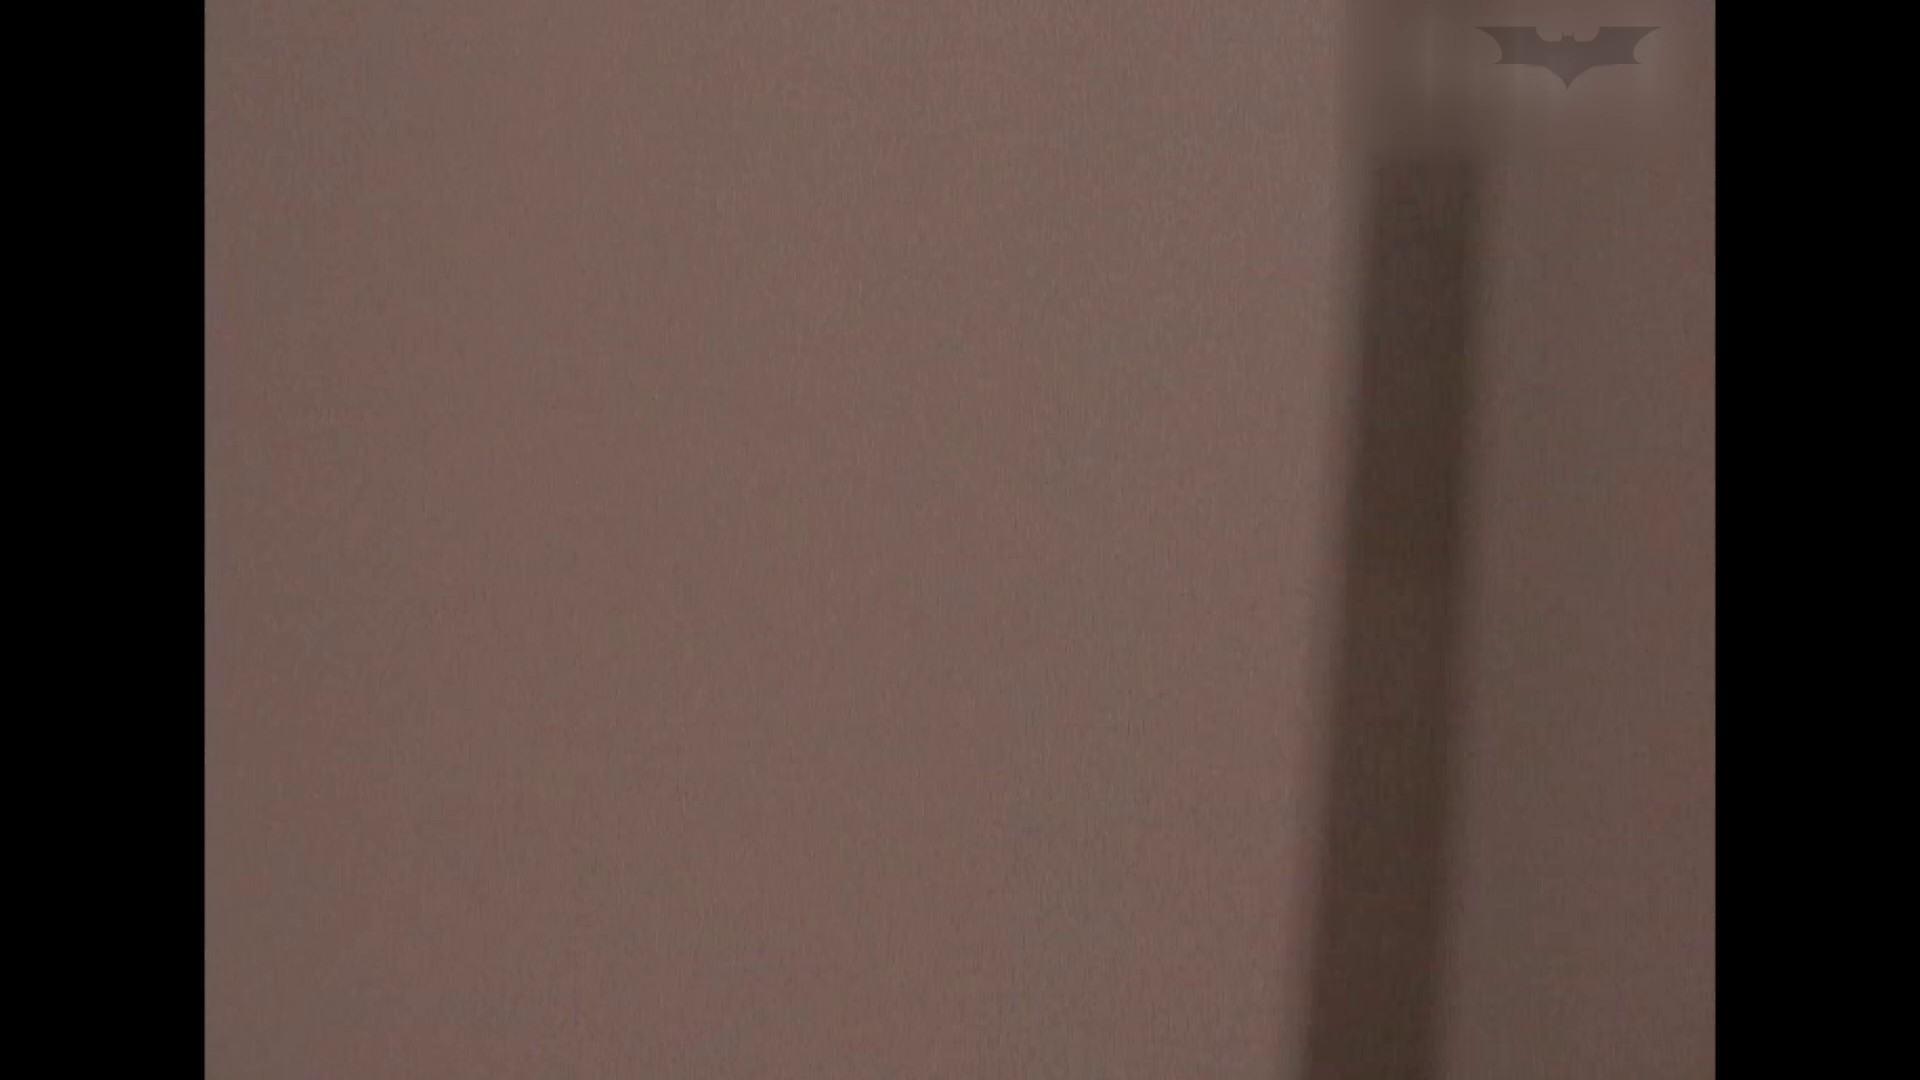 ●生マンコ綺麗にツルぴかですね 期間限定神キタ!ツルピカの放nyo!Vol.20 マンコ ワレメ無修正動画無料 99pic 8